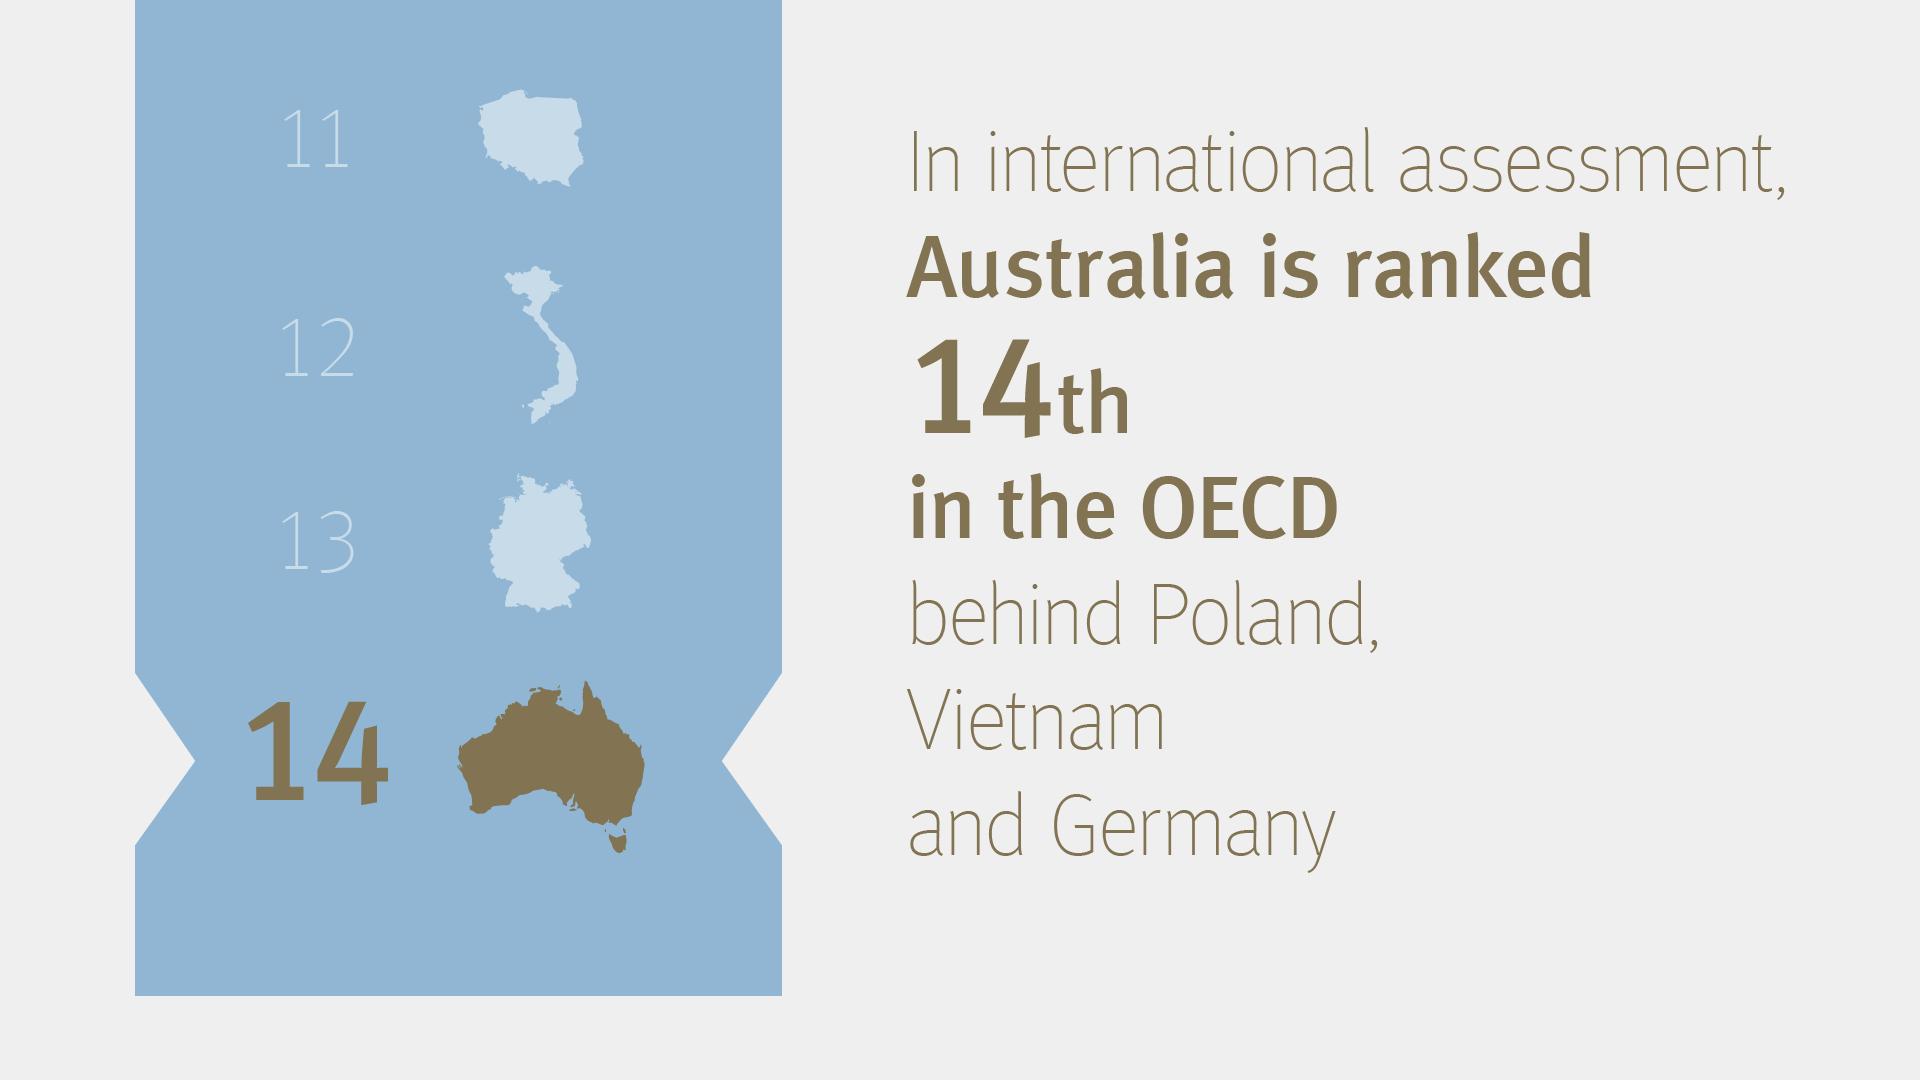 Rank 14 OECD